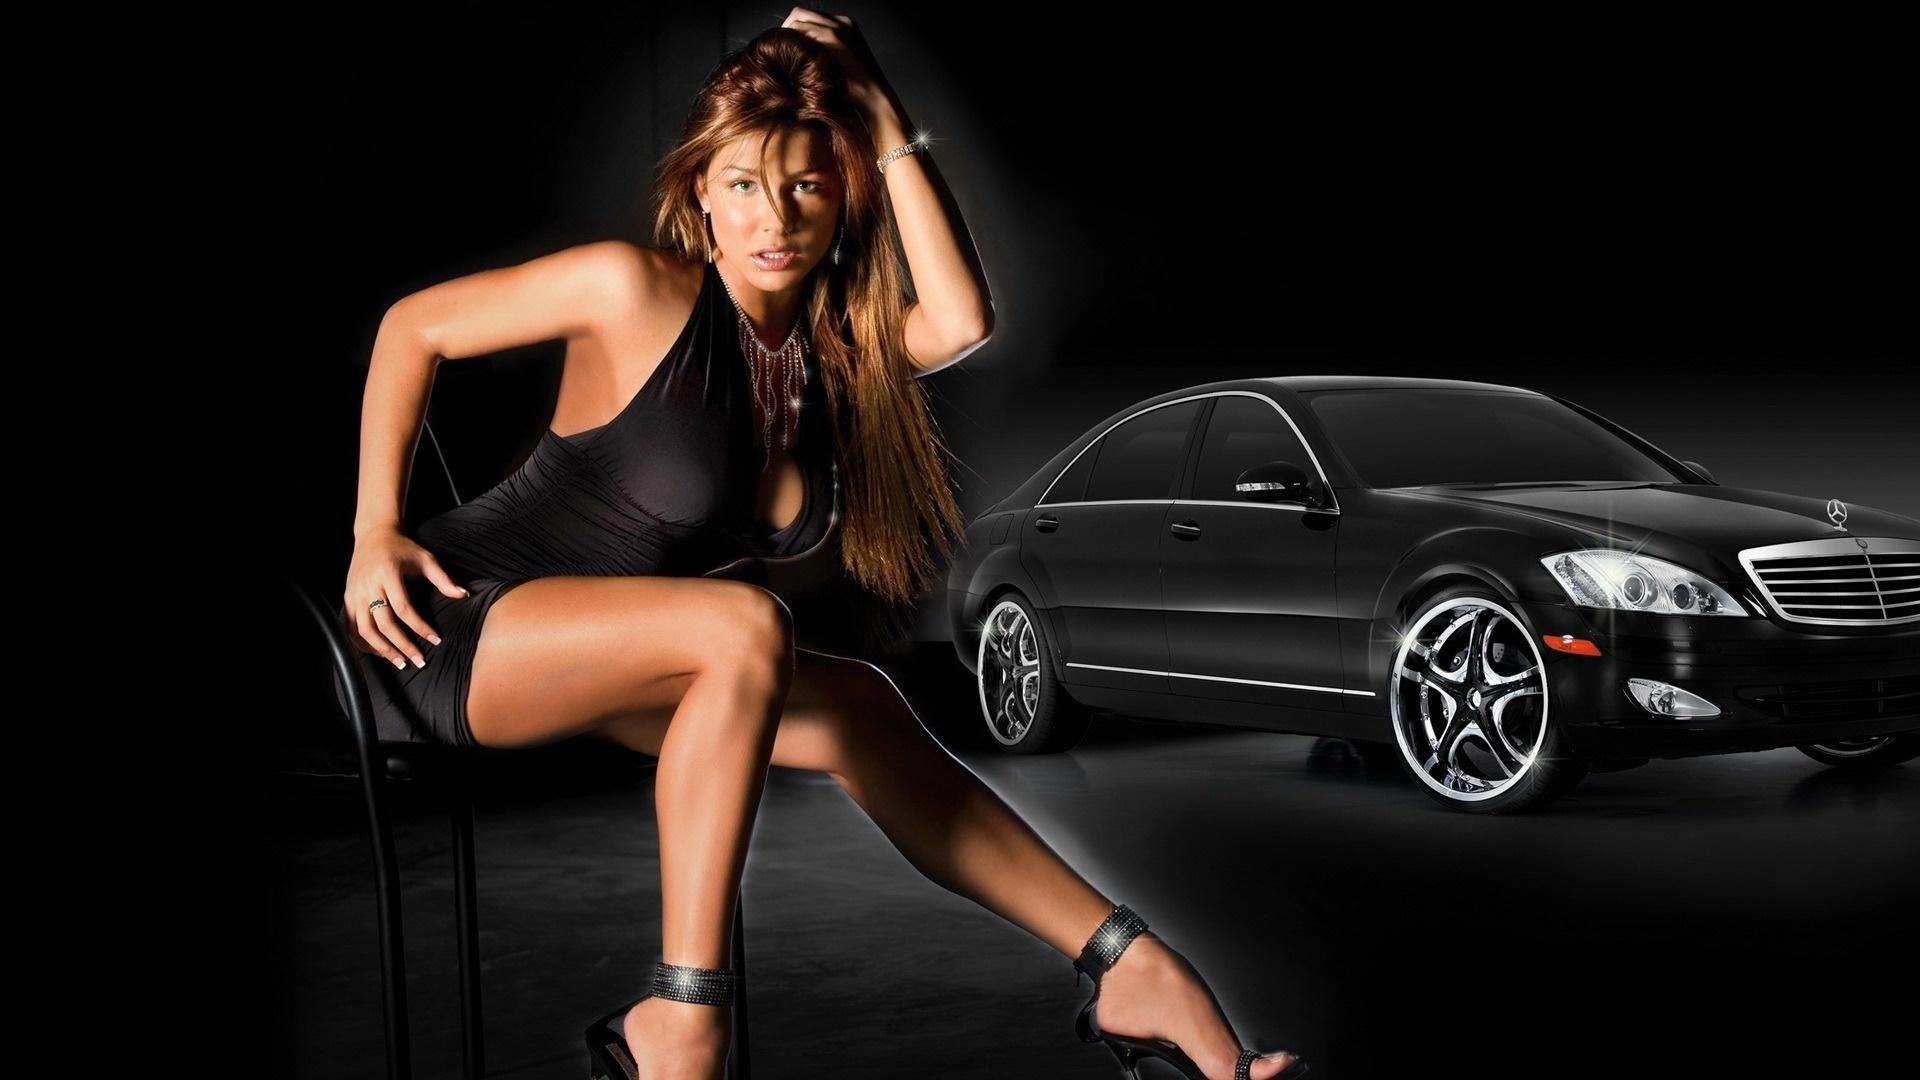 Смотреть порно с симпатичной брюнеткой в автомобиле мерседес бенс 20 фотография